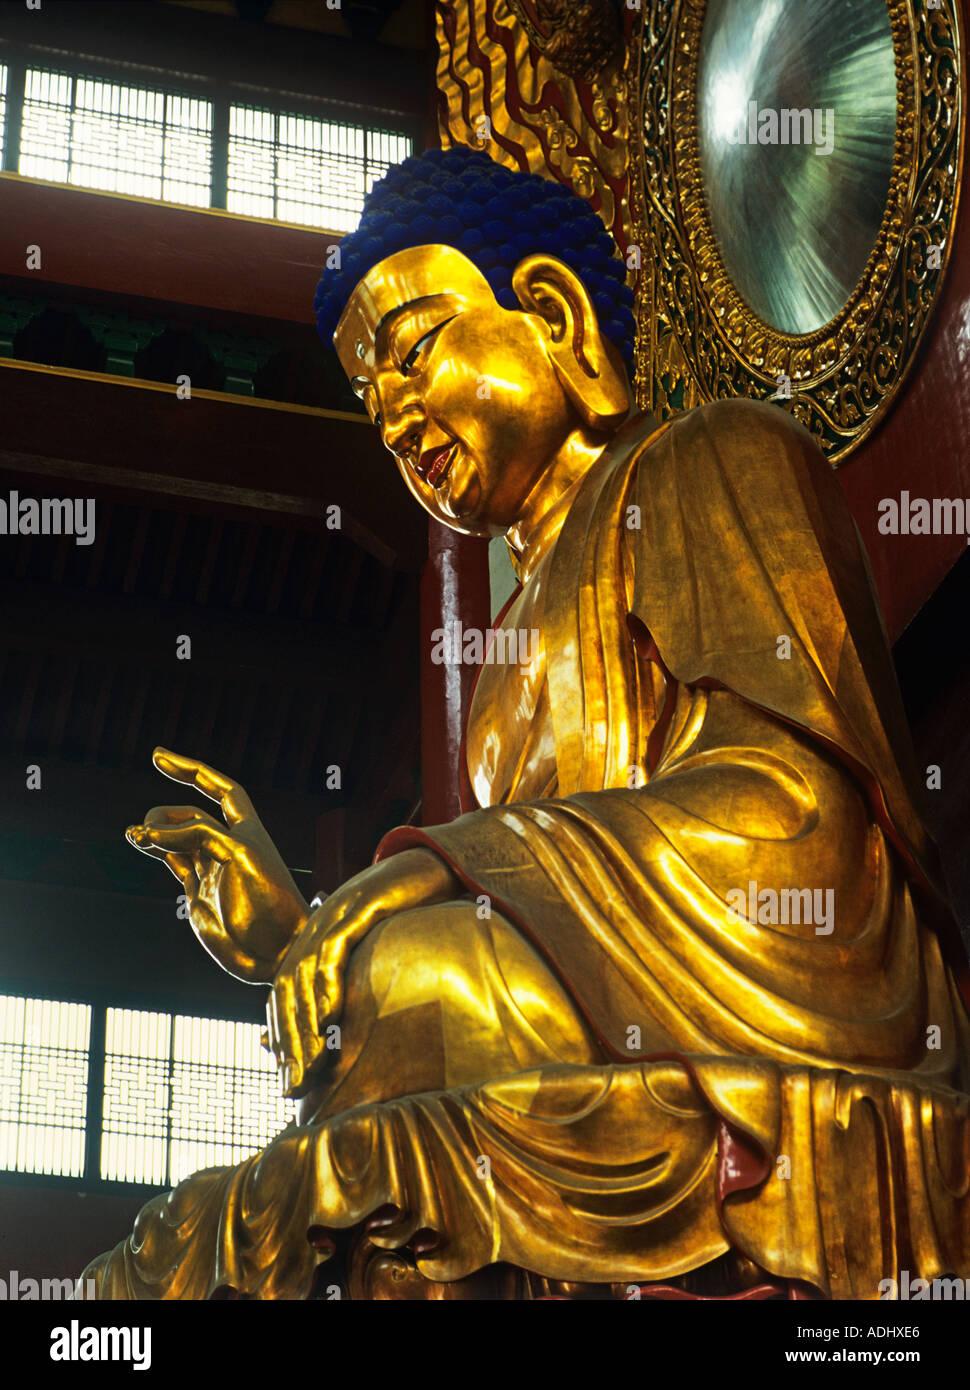 Temple Lingyin Hangzhou un Bouddha en or près de 30 pieds de hauteur dans l'endroit fondée par Hui Li il y a 1600 ans, Chine Banque D'Images